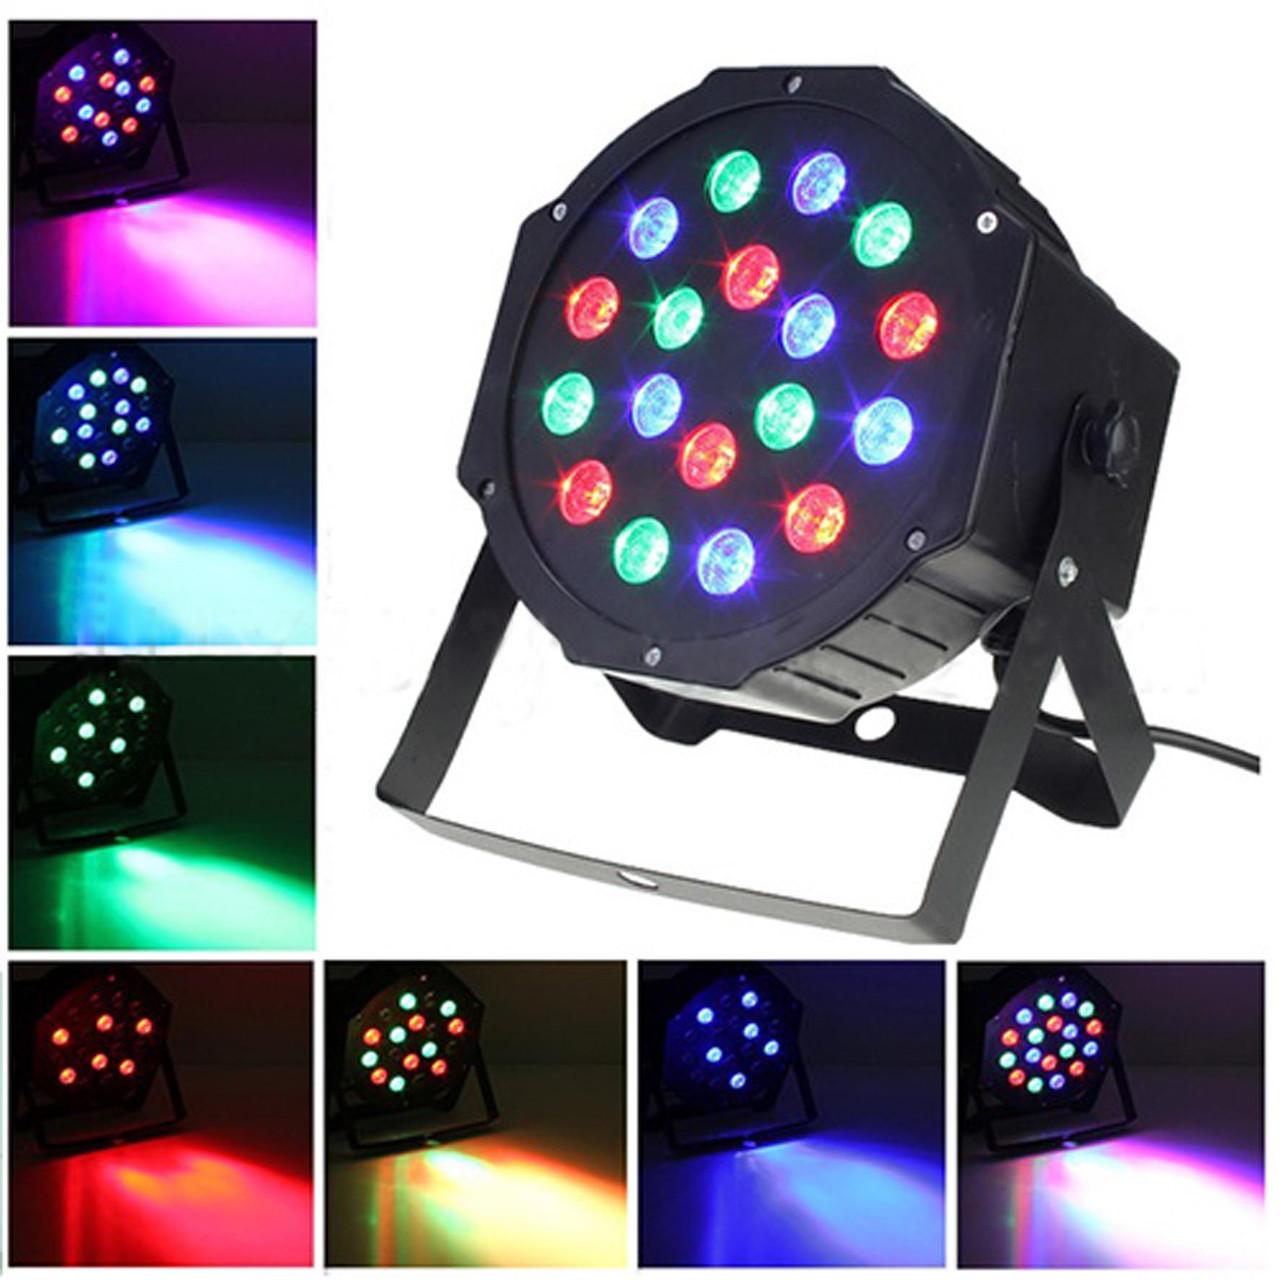 Диско Лазер PAR mini, 18LED, RGB — Лазерный проектор для клубного освещения